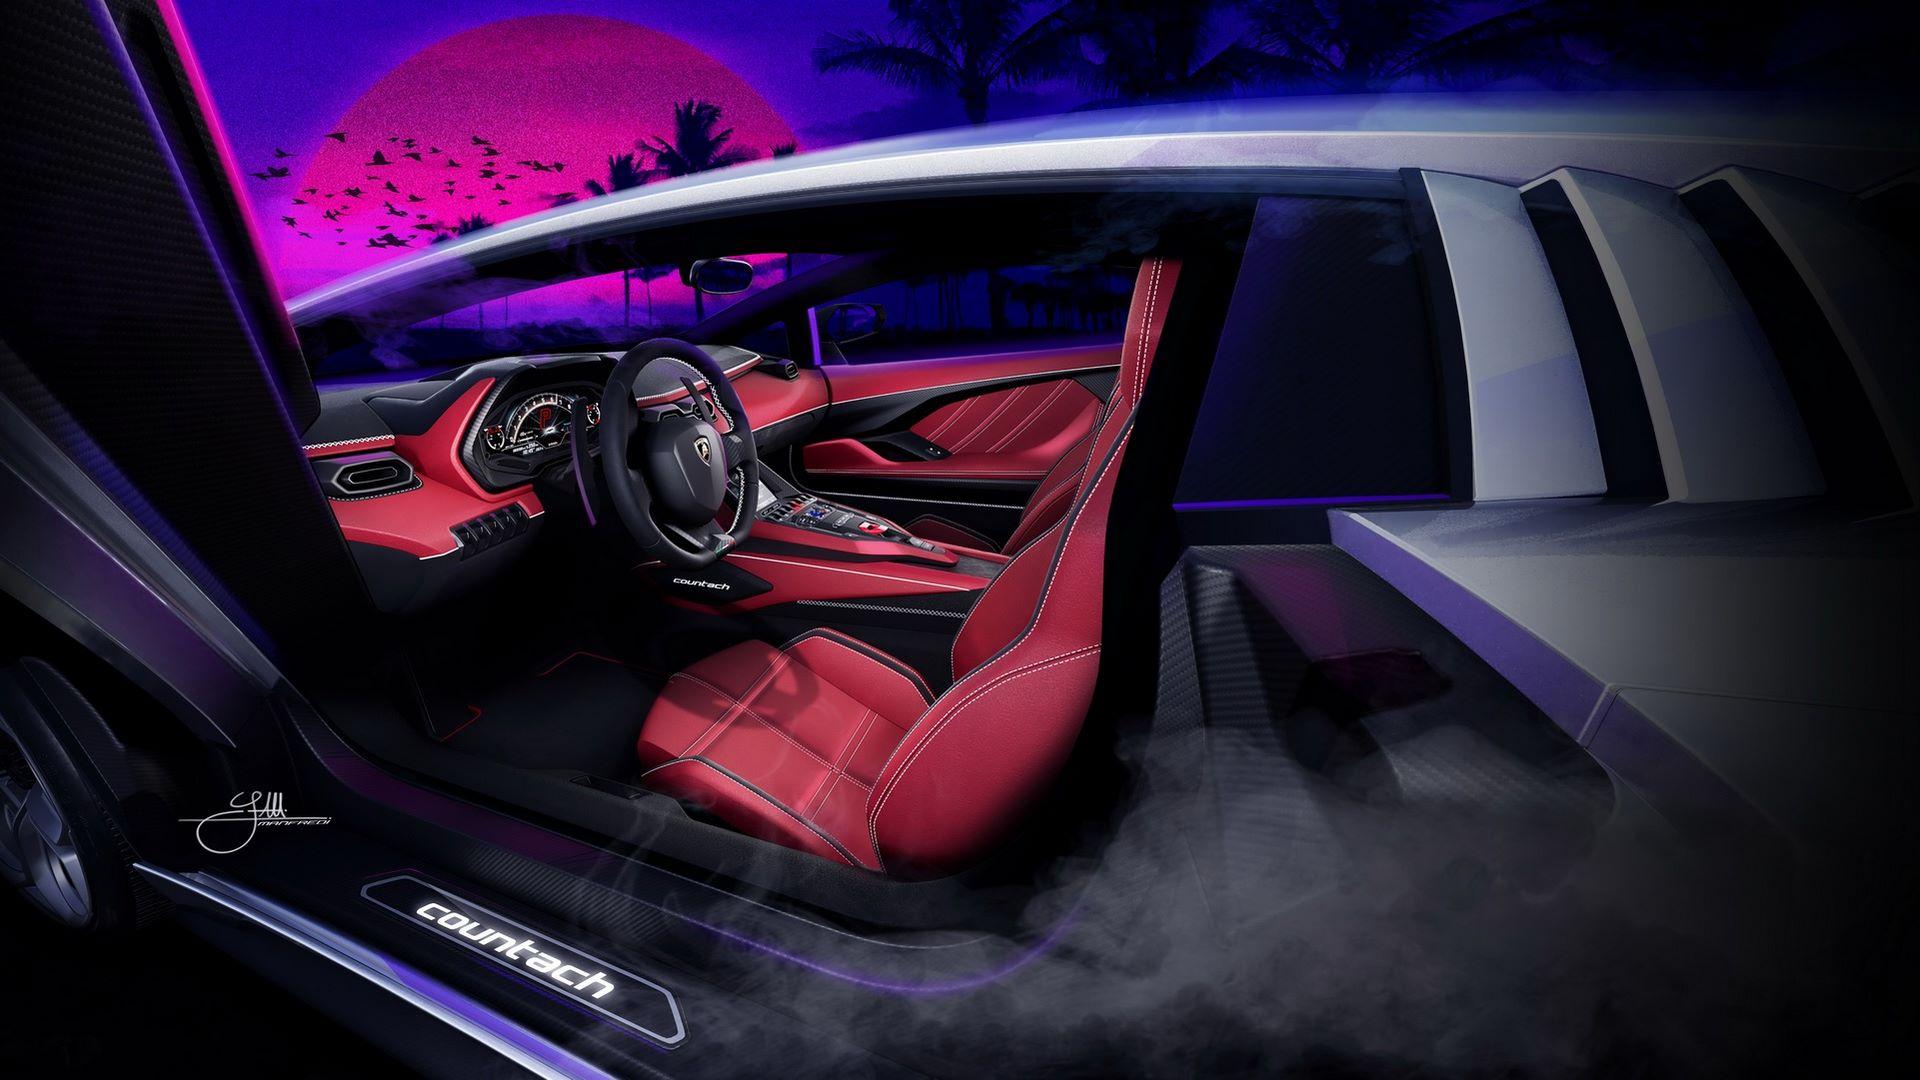 Lamborghini-Countach-LPI-800-4-116